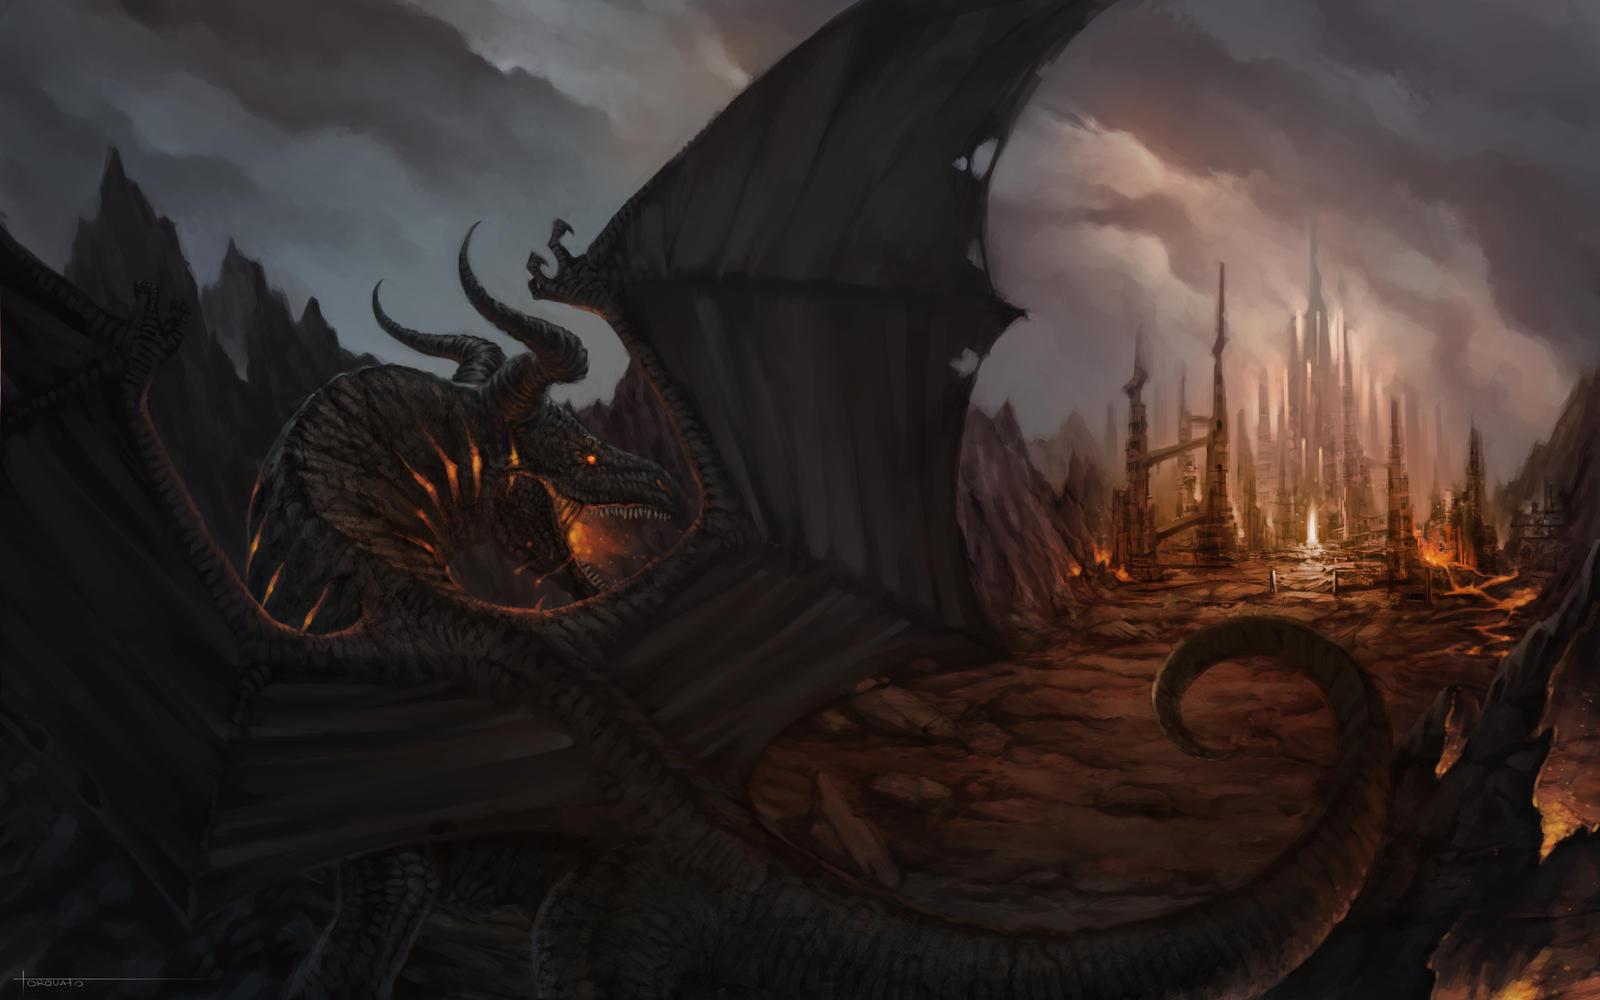 Dragon Images - Public Domain Pictures - Page 1